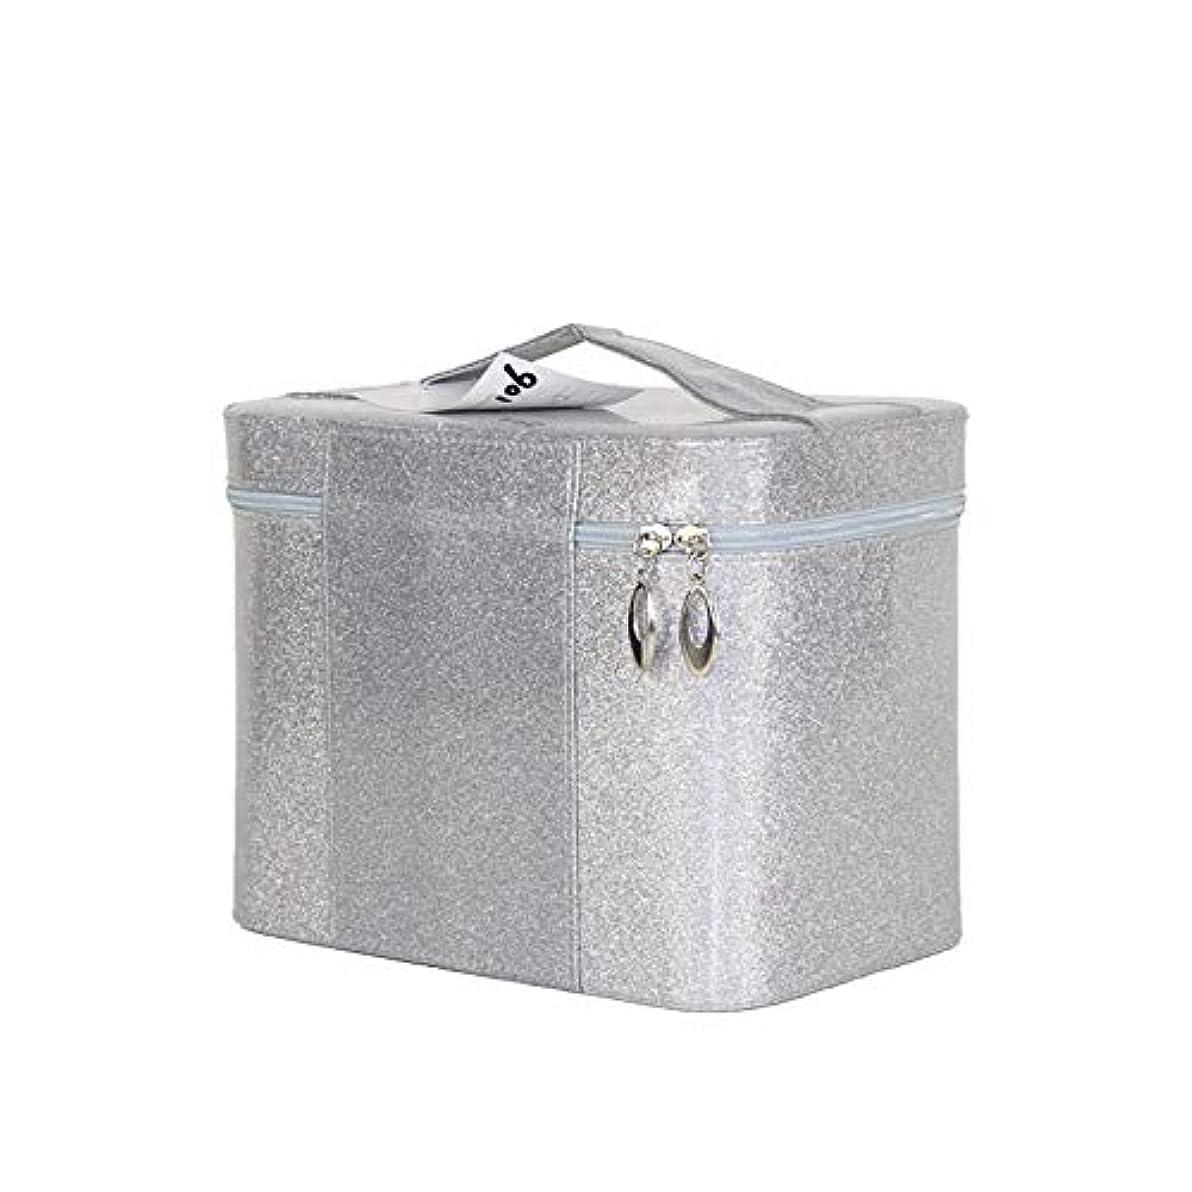 化粧オーガナイザーバッグ ジッパーで小さなものの種類のための旅行のための美容メイクアップのための純粋な色のポータブル化粧品バッグ 化粧品ケース